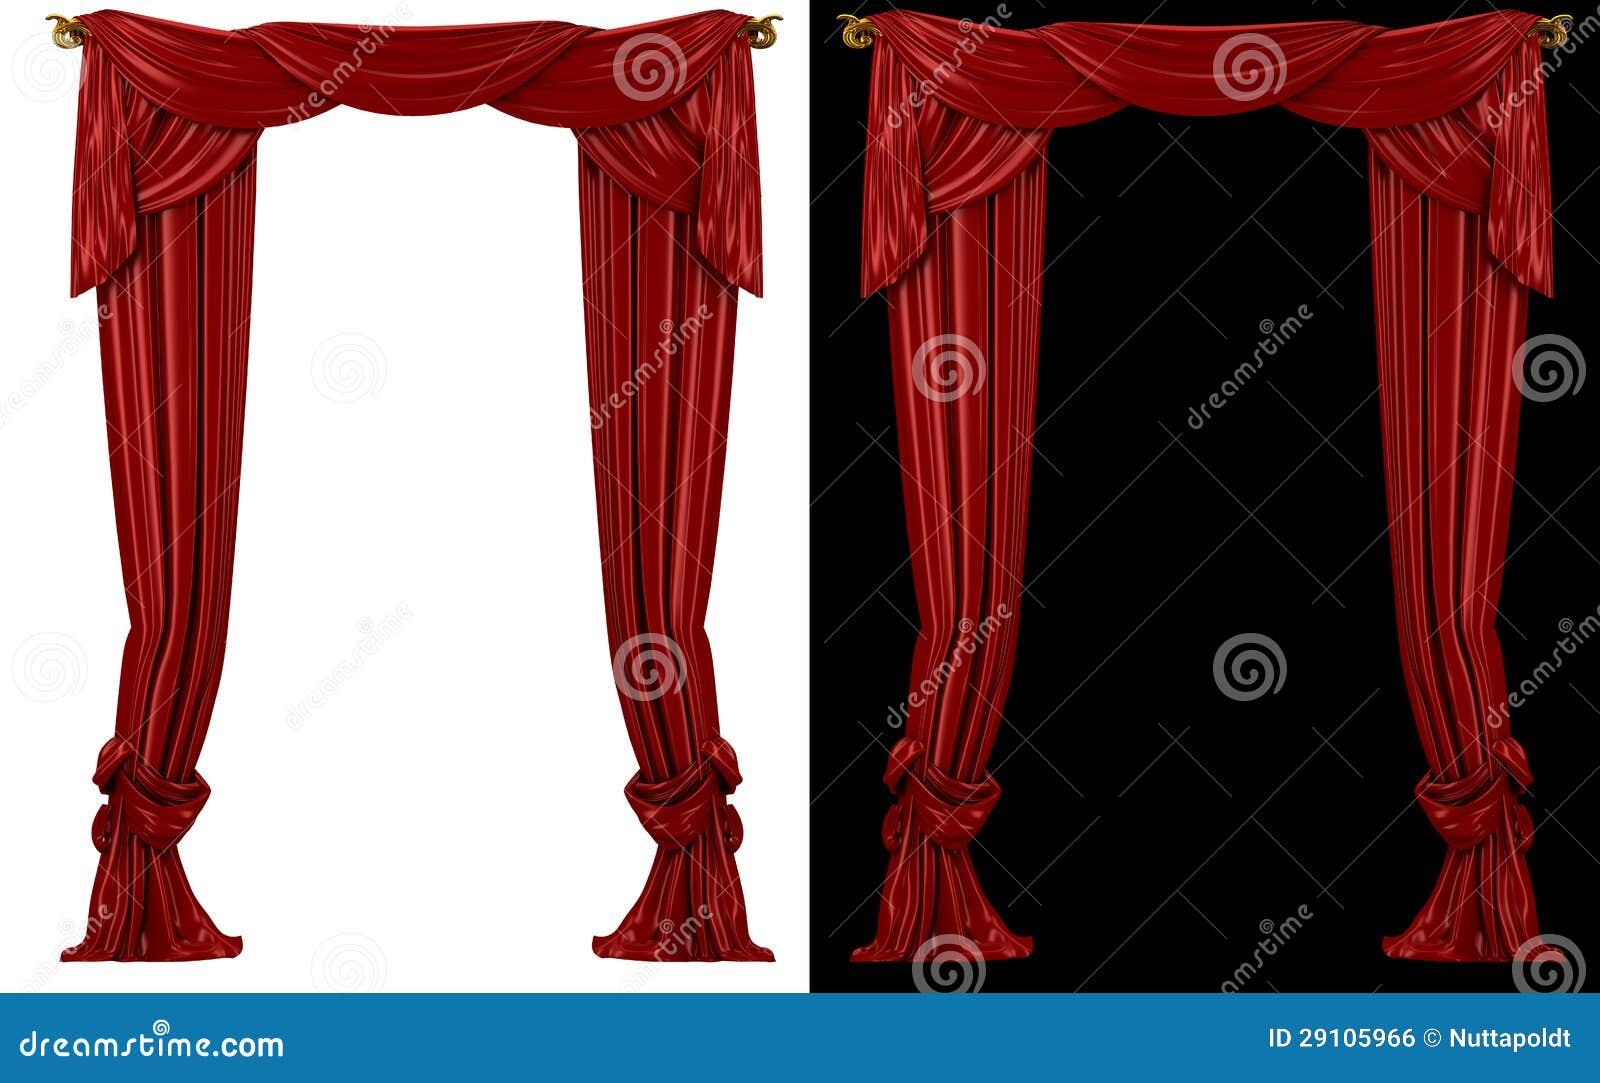 Cortinas rojas en un fondo blanco y negro imagen de - Cortinas en blanco y negro ...